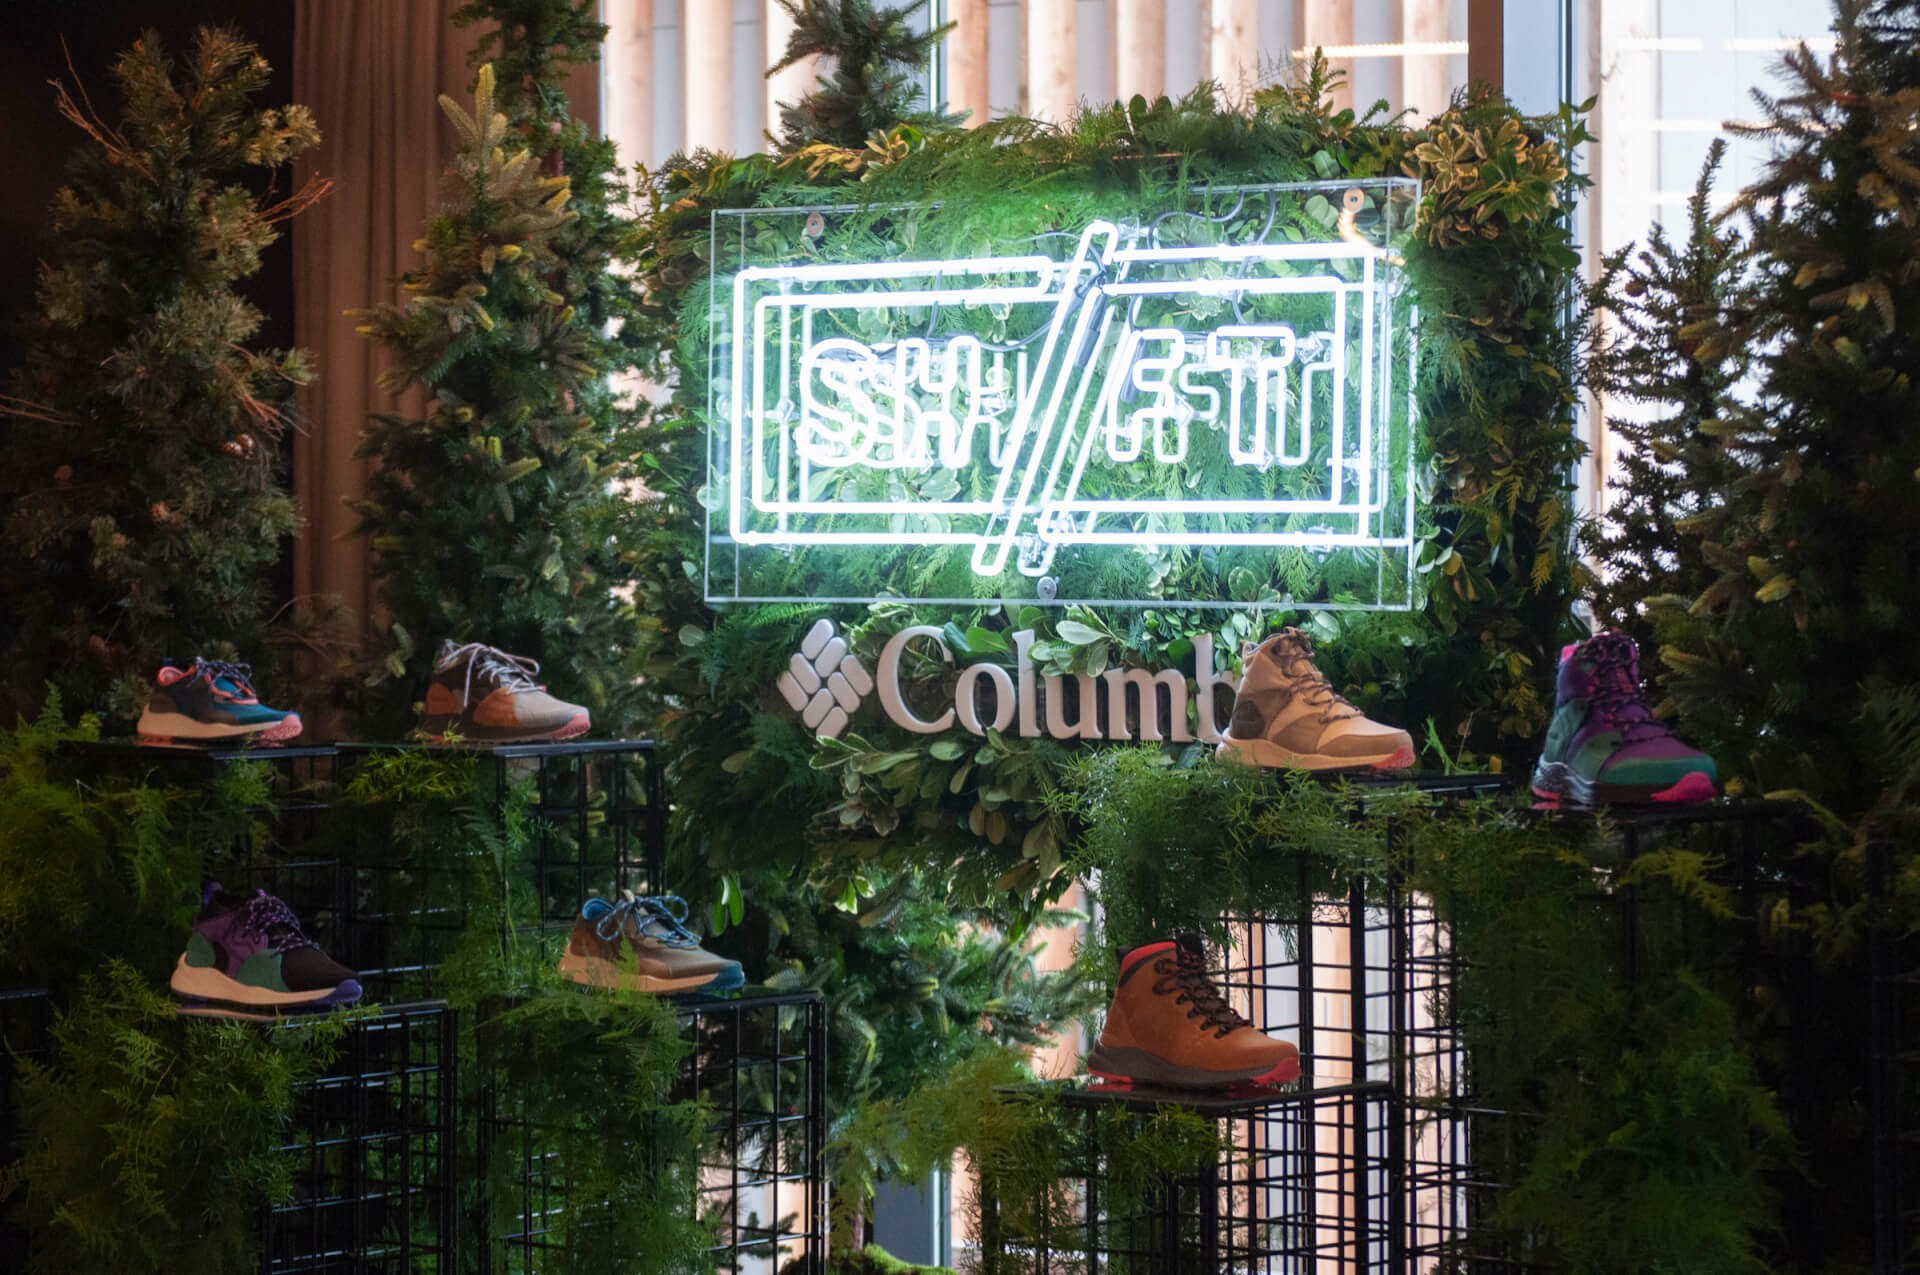 都会と自然を自由にシフトする!コロンビアが打ち出す新シューズをNYにて発表。アンバサダーZEDDの独占インタビューも! interview_190815_columbia-17